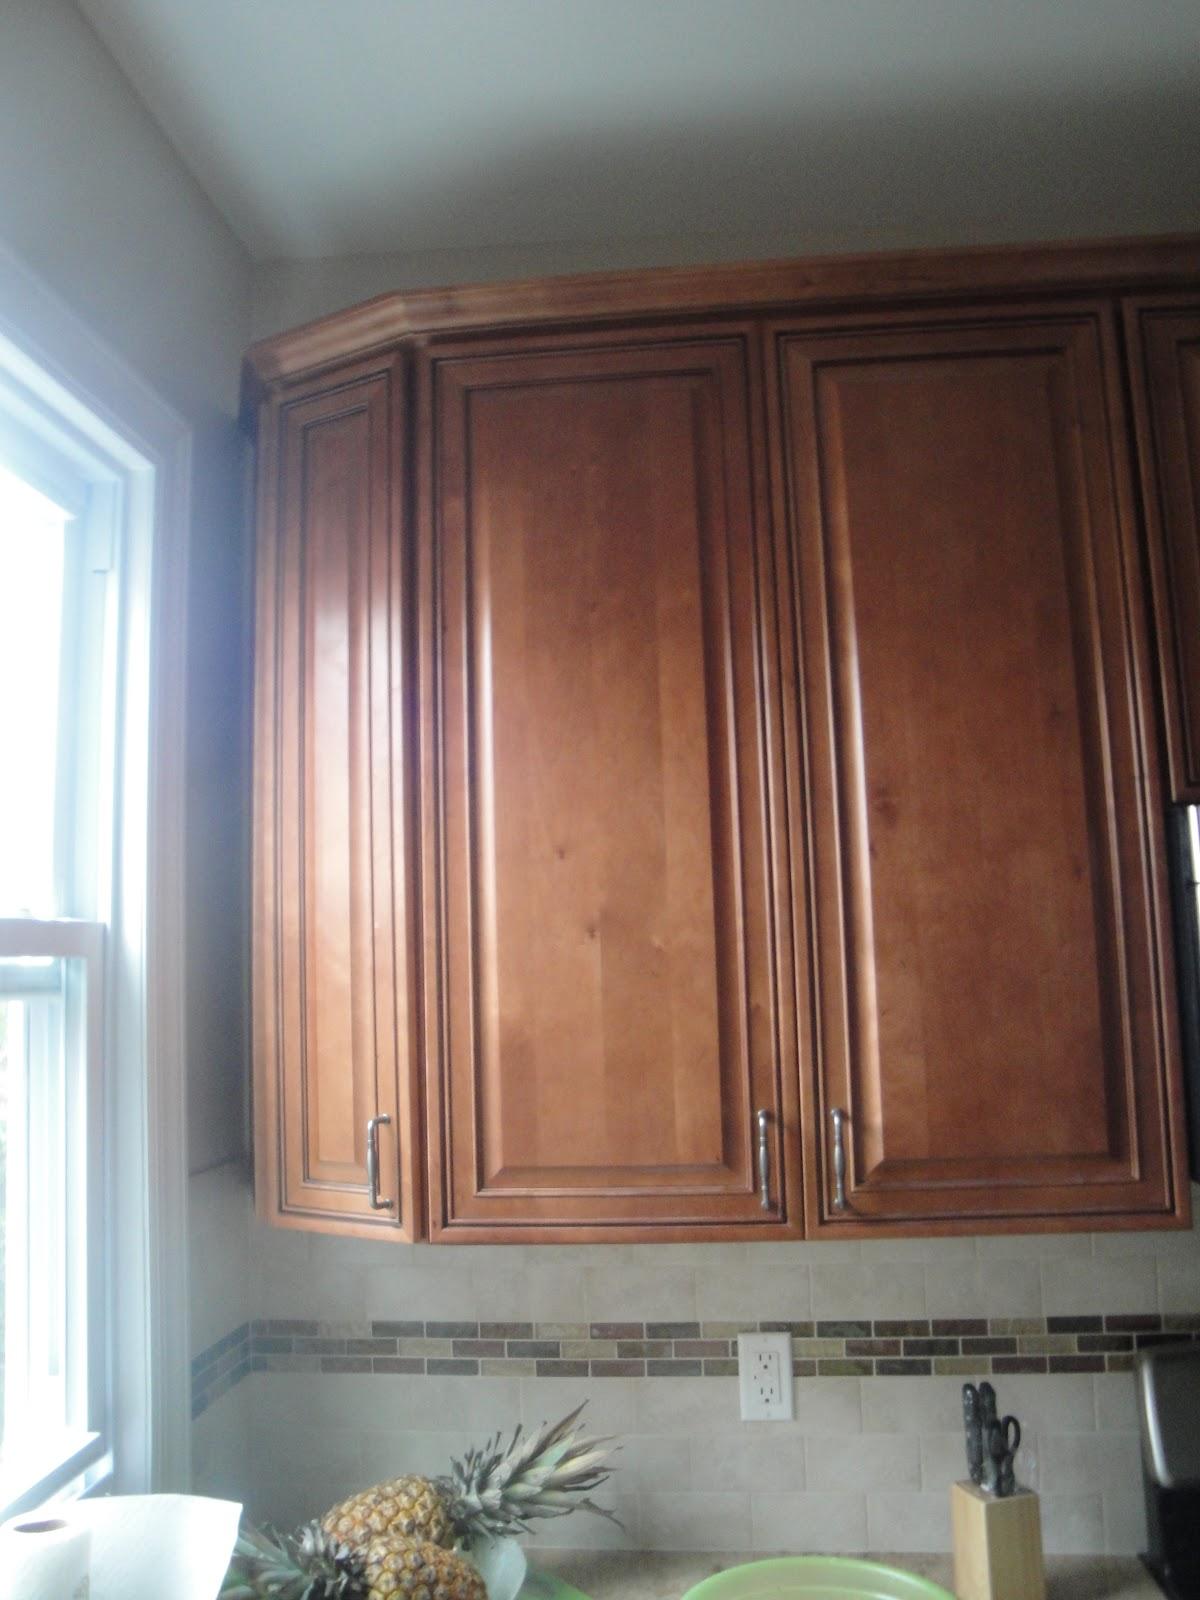 The excellent Cheap repair kitchen faucet picture